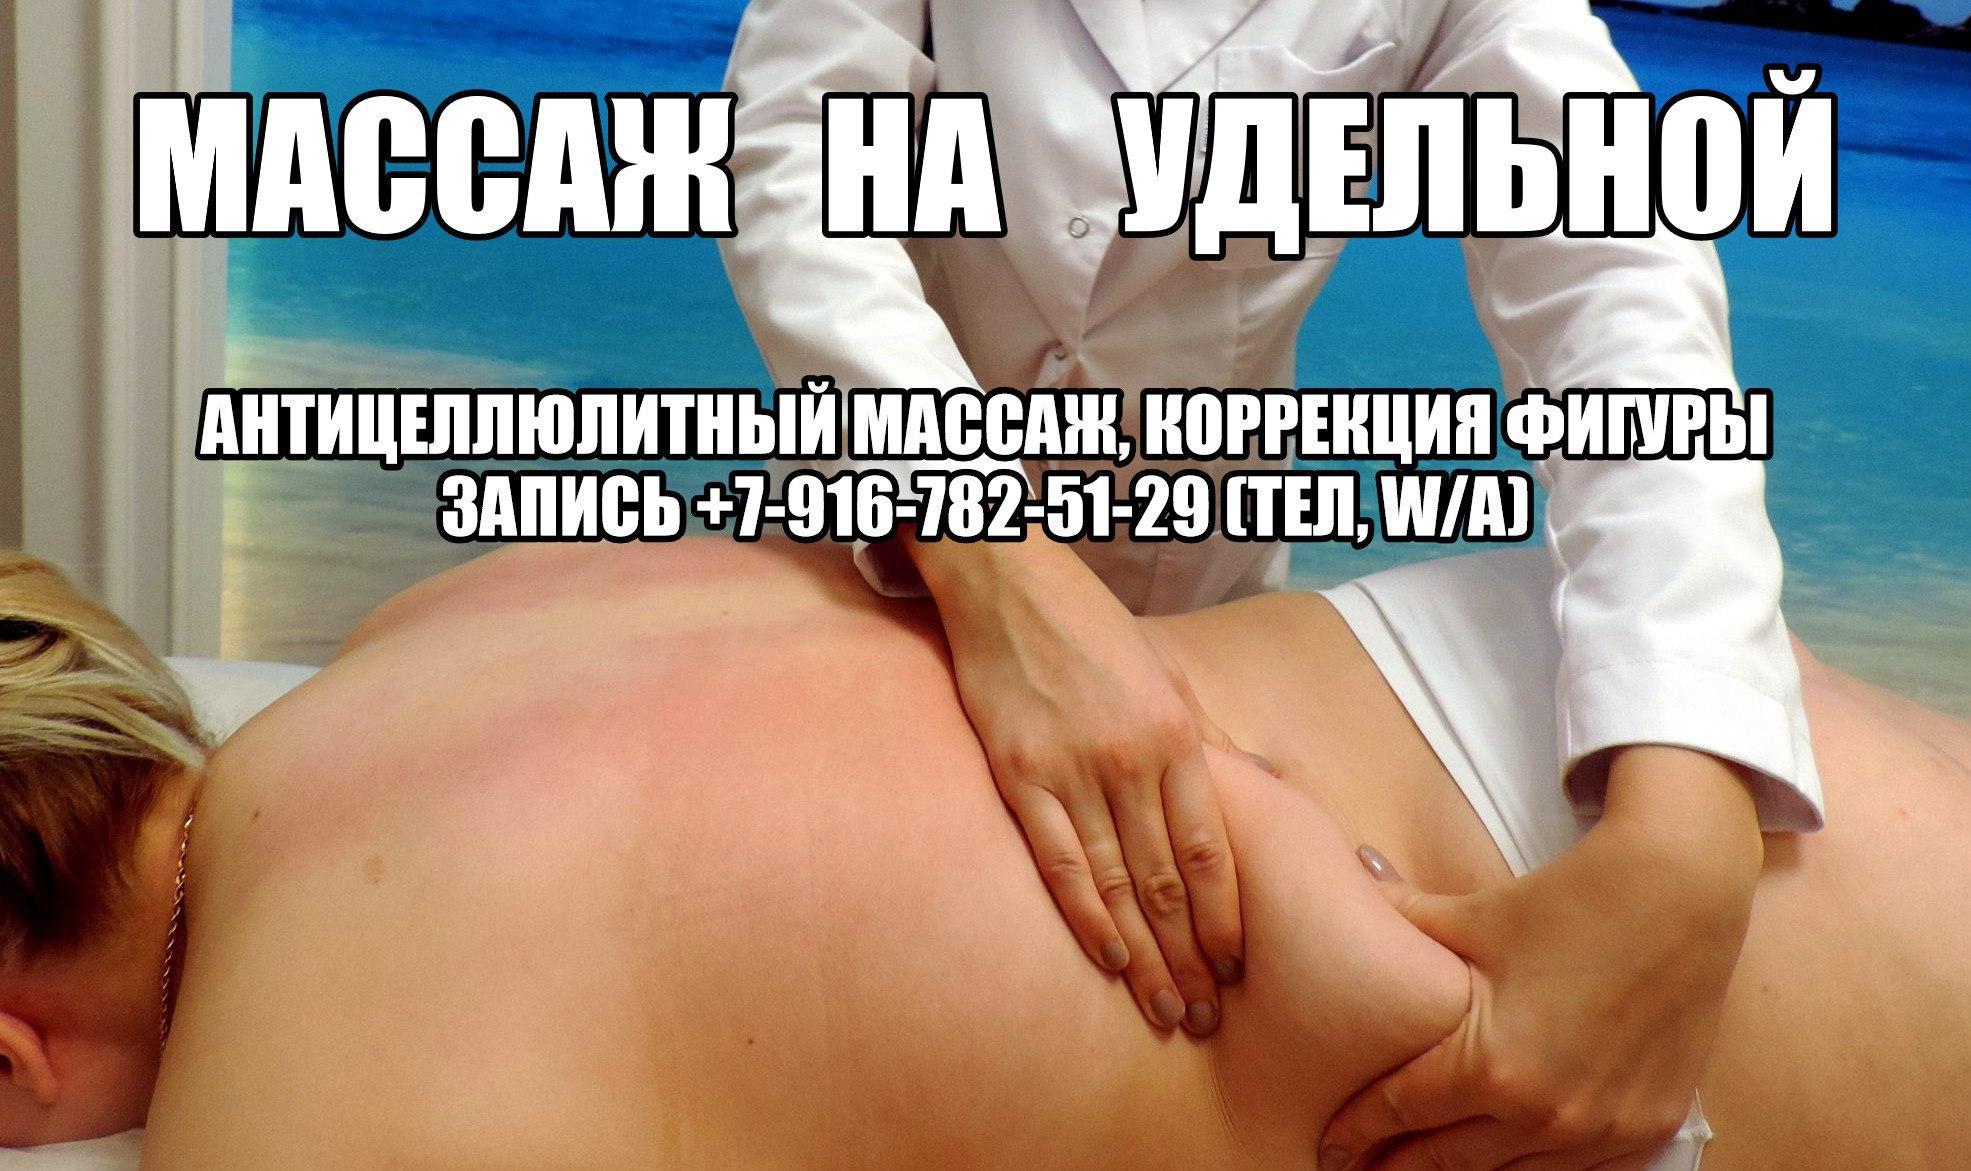 Массаж талии, убрать жир на талии, похудеть массажем фото, массаж Петербург,